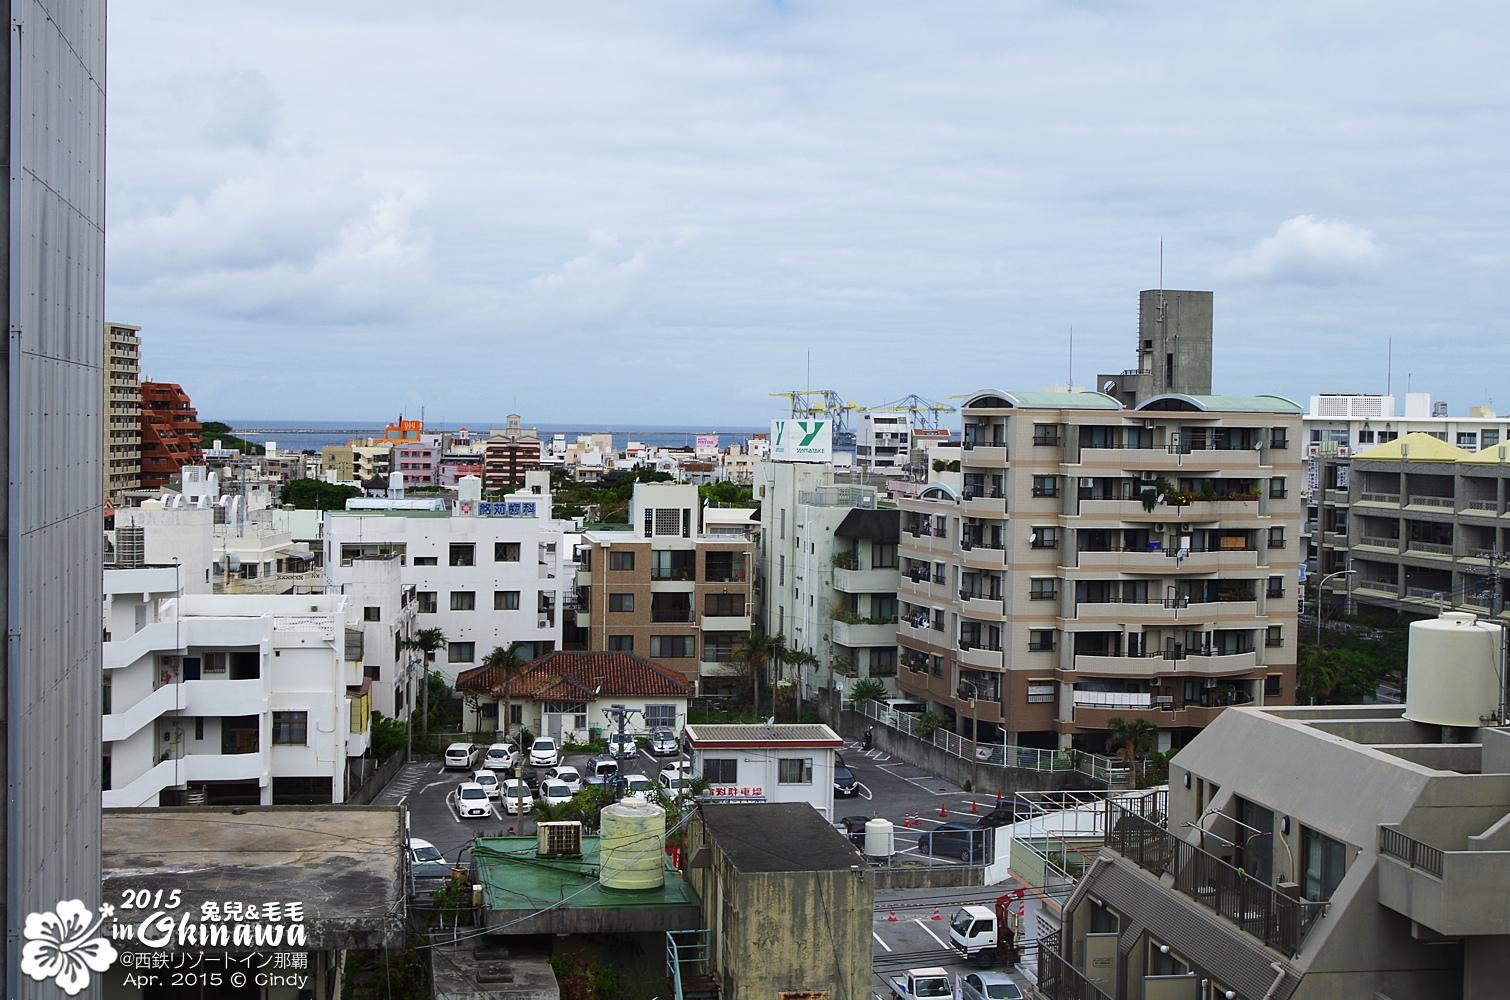 2015-0403-西鉄リゾートイン那覇-18.jpg